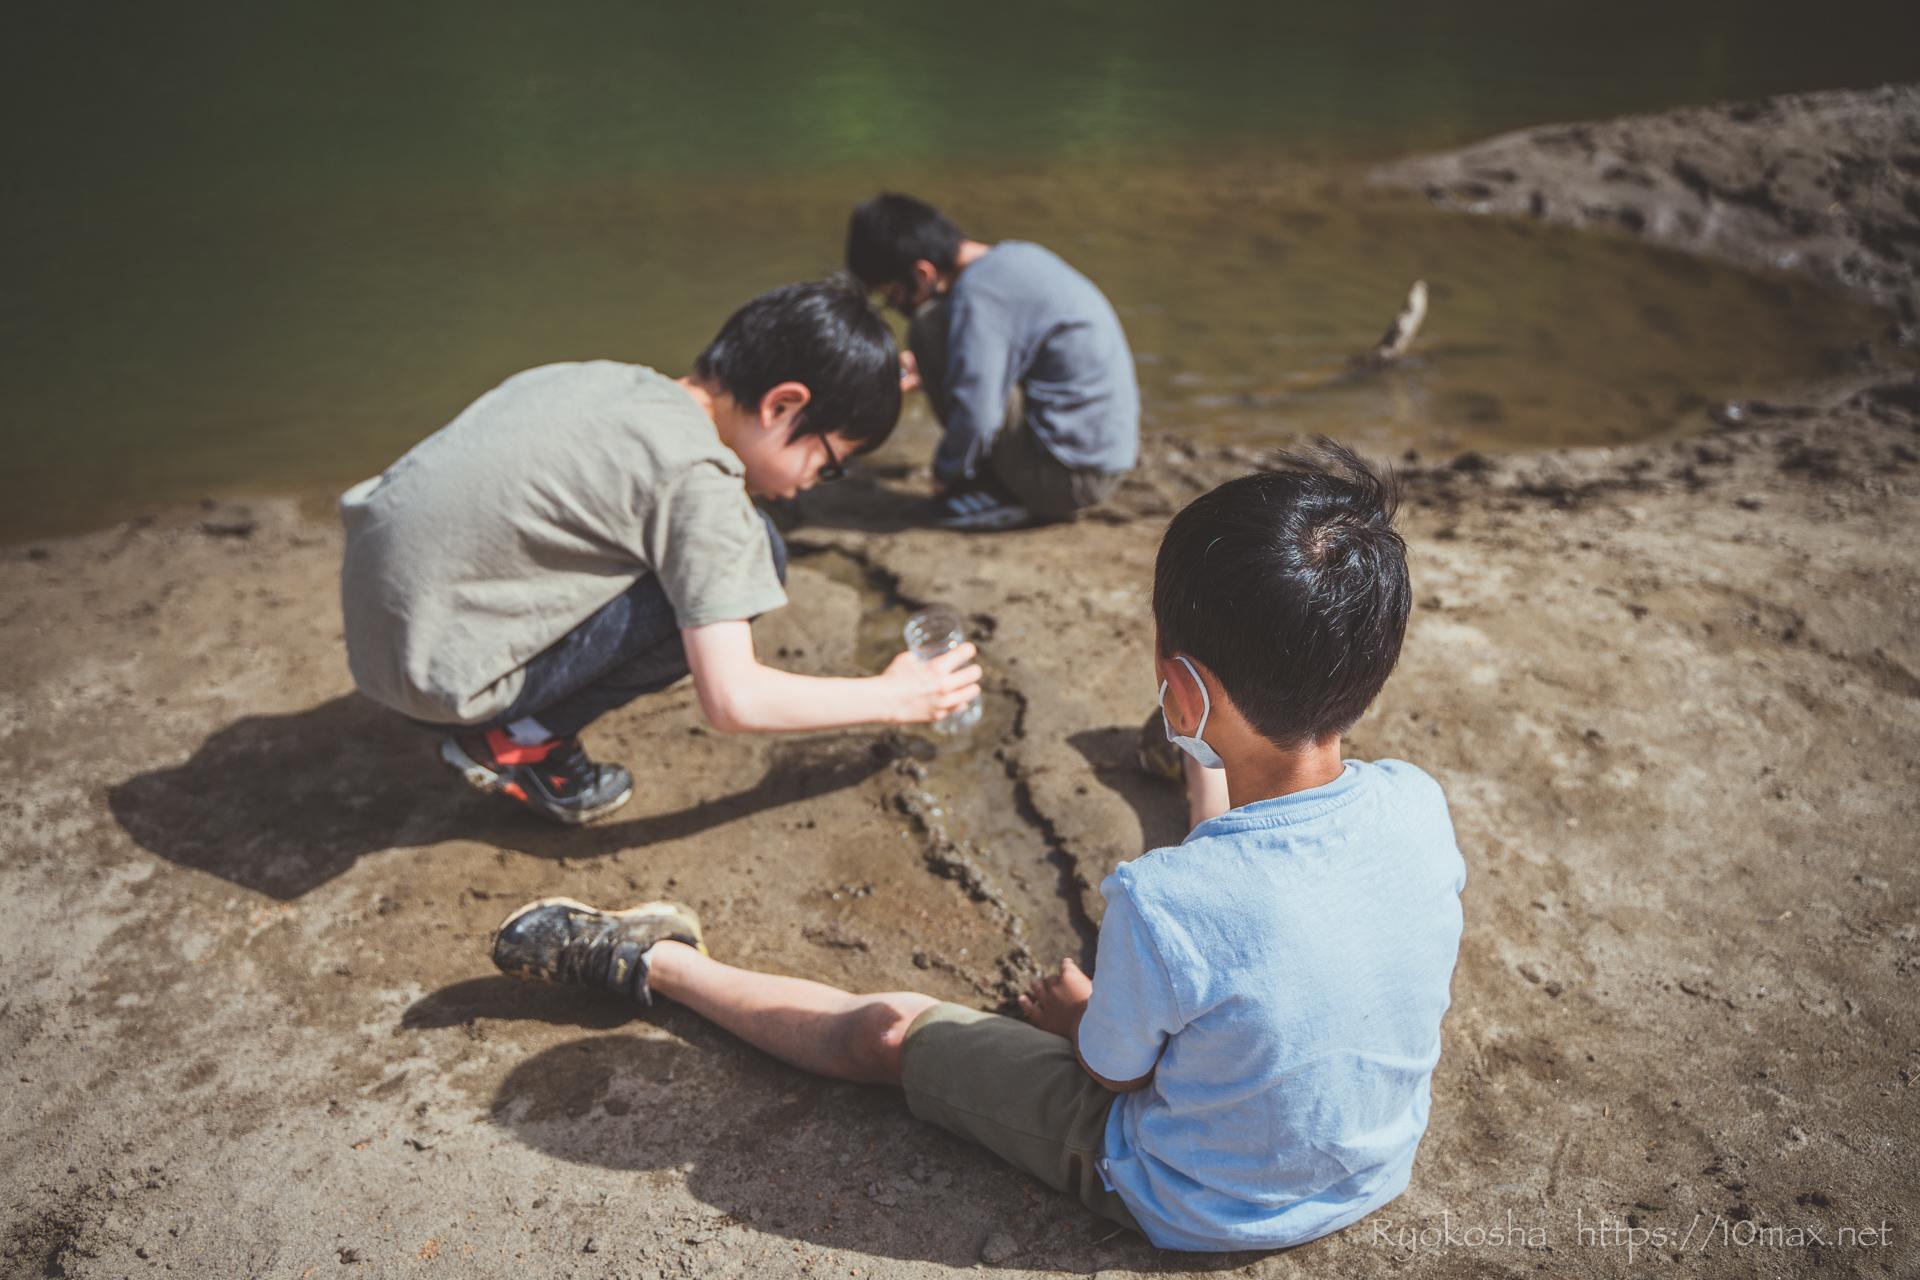 上小川キャンプ場 キャンプレポ 川遊び